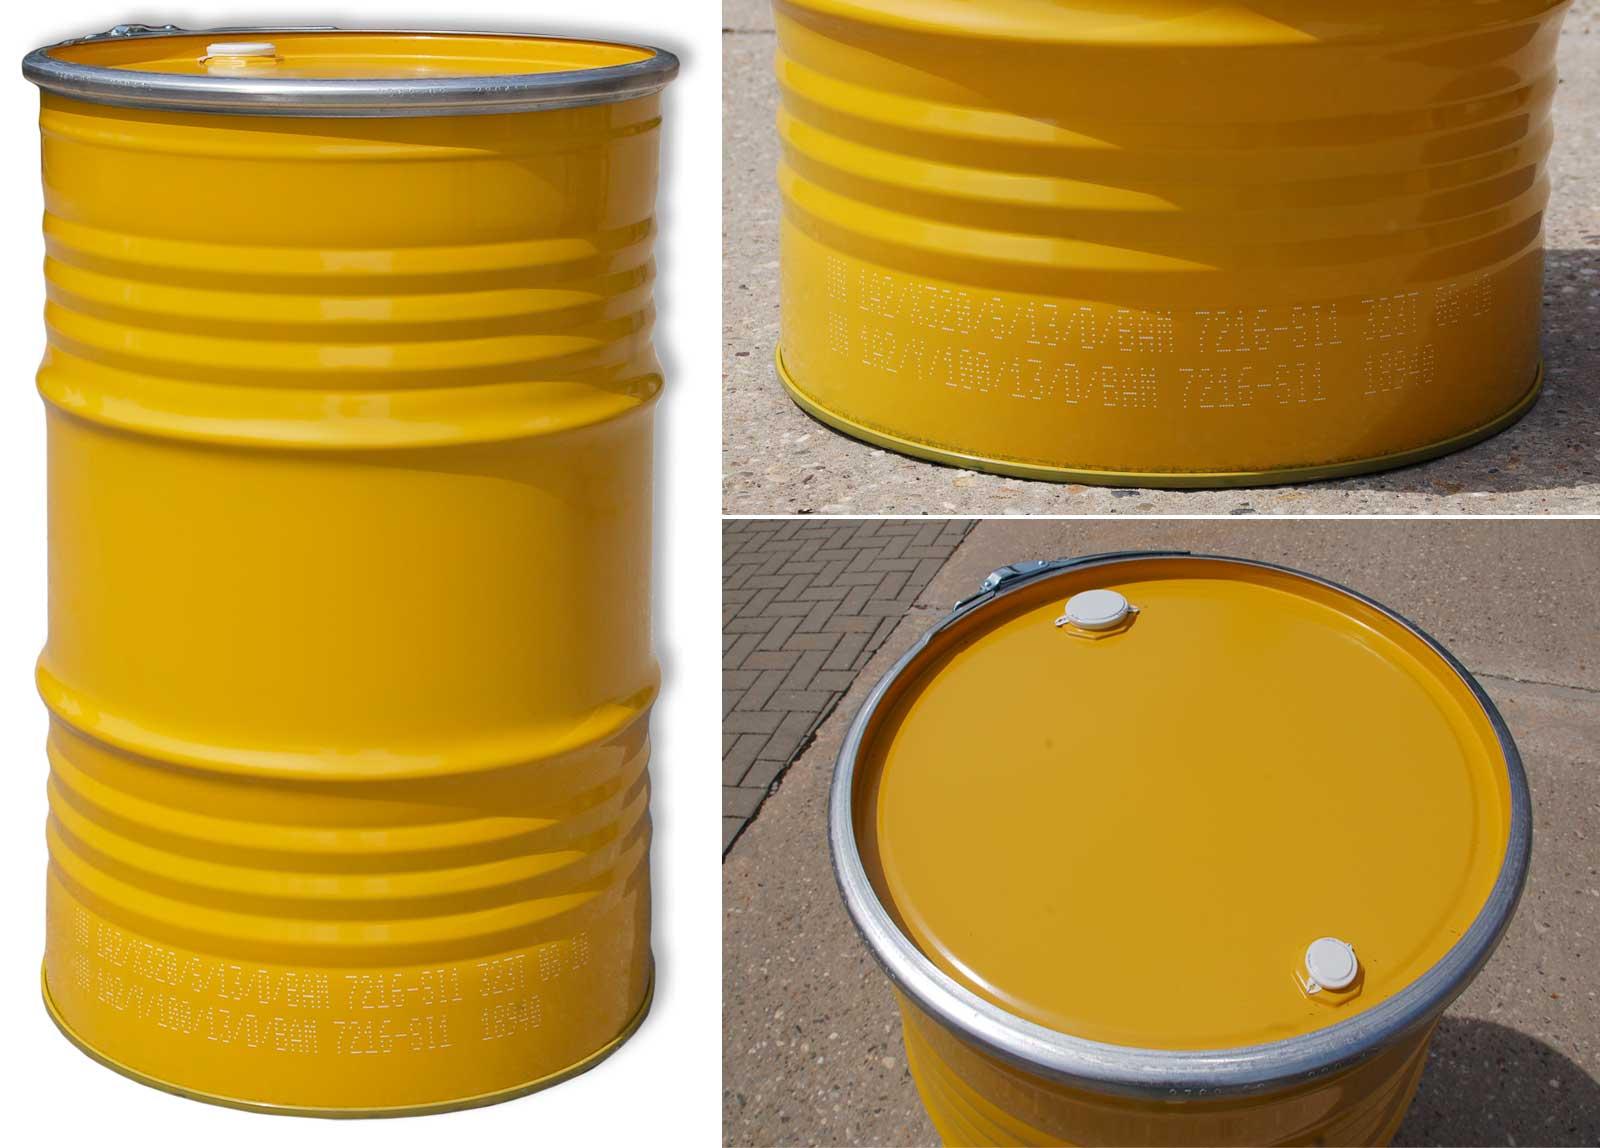 2 x deckelfass 213 liter gelb blech spundfass stahlfass lfass metall ebay. Black Bedroom Furniture Sets. Home Design Ideas